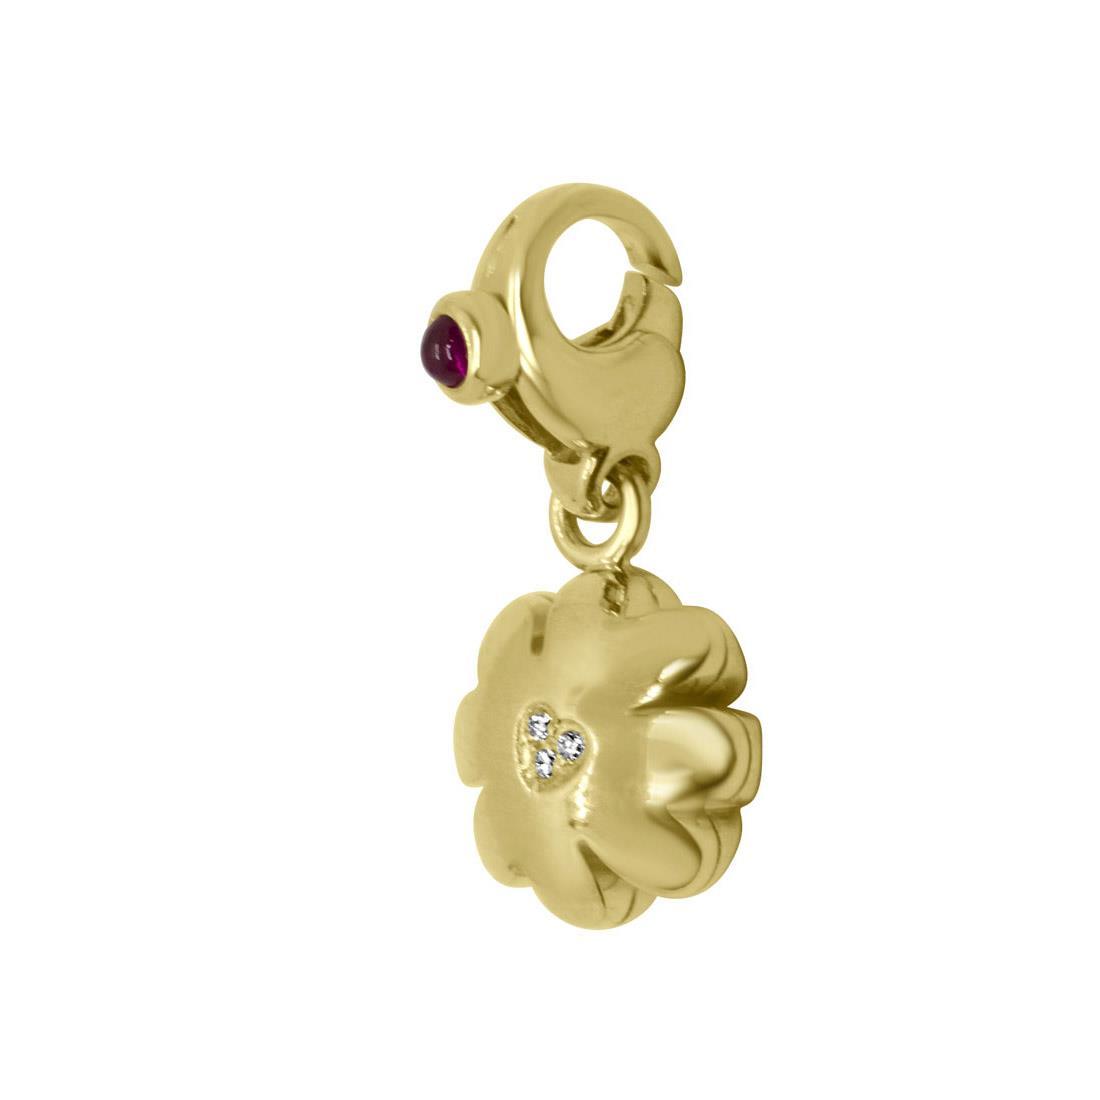 Ciondolo quadrifoglio in oro giallo con diamanti e rubini - PASQUALE BRUNI